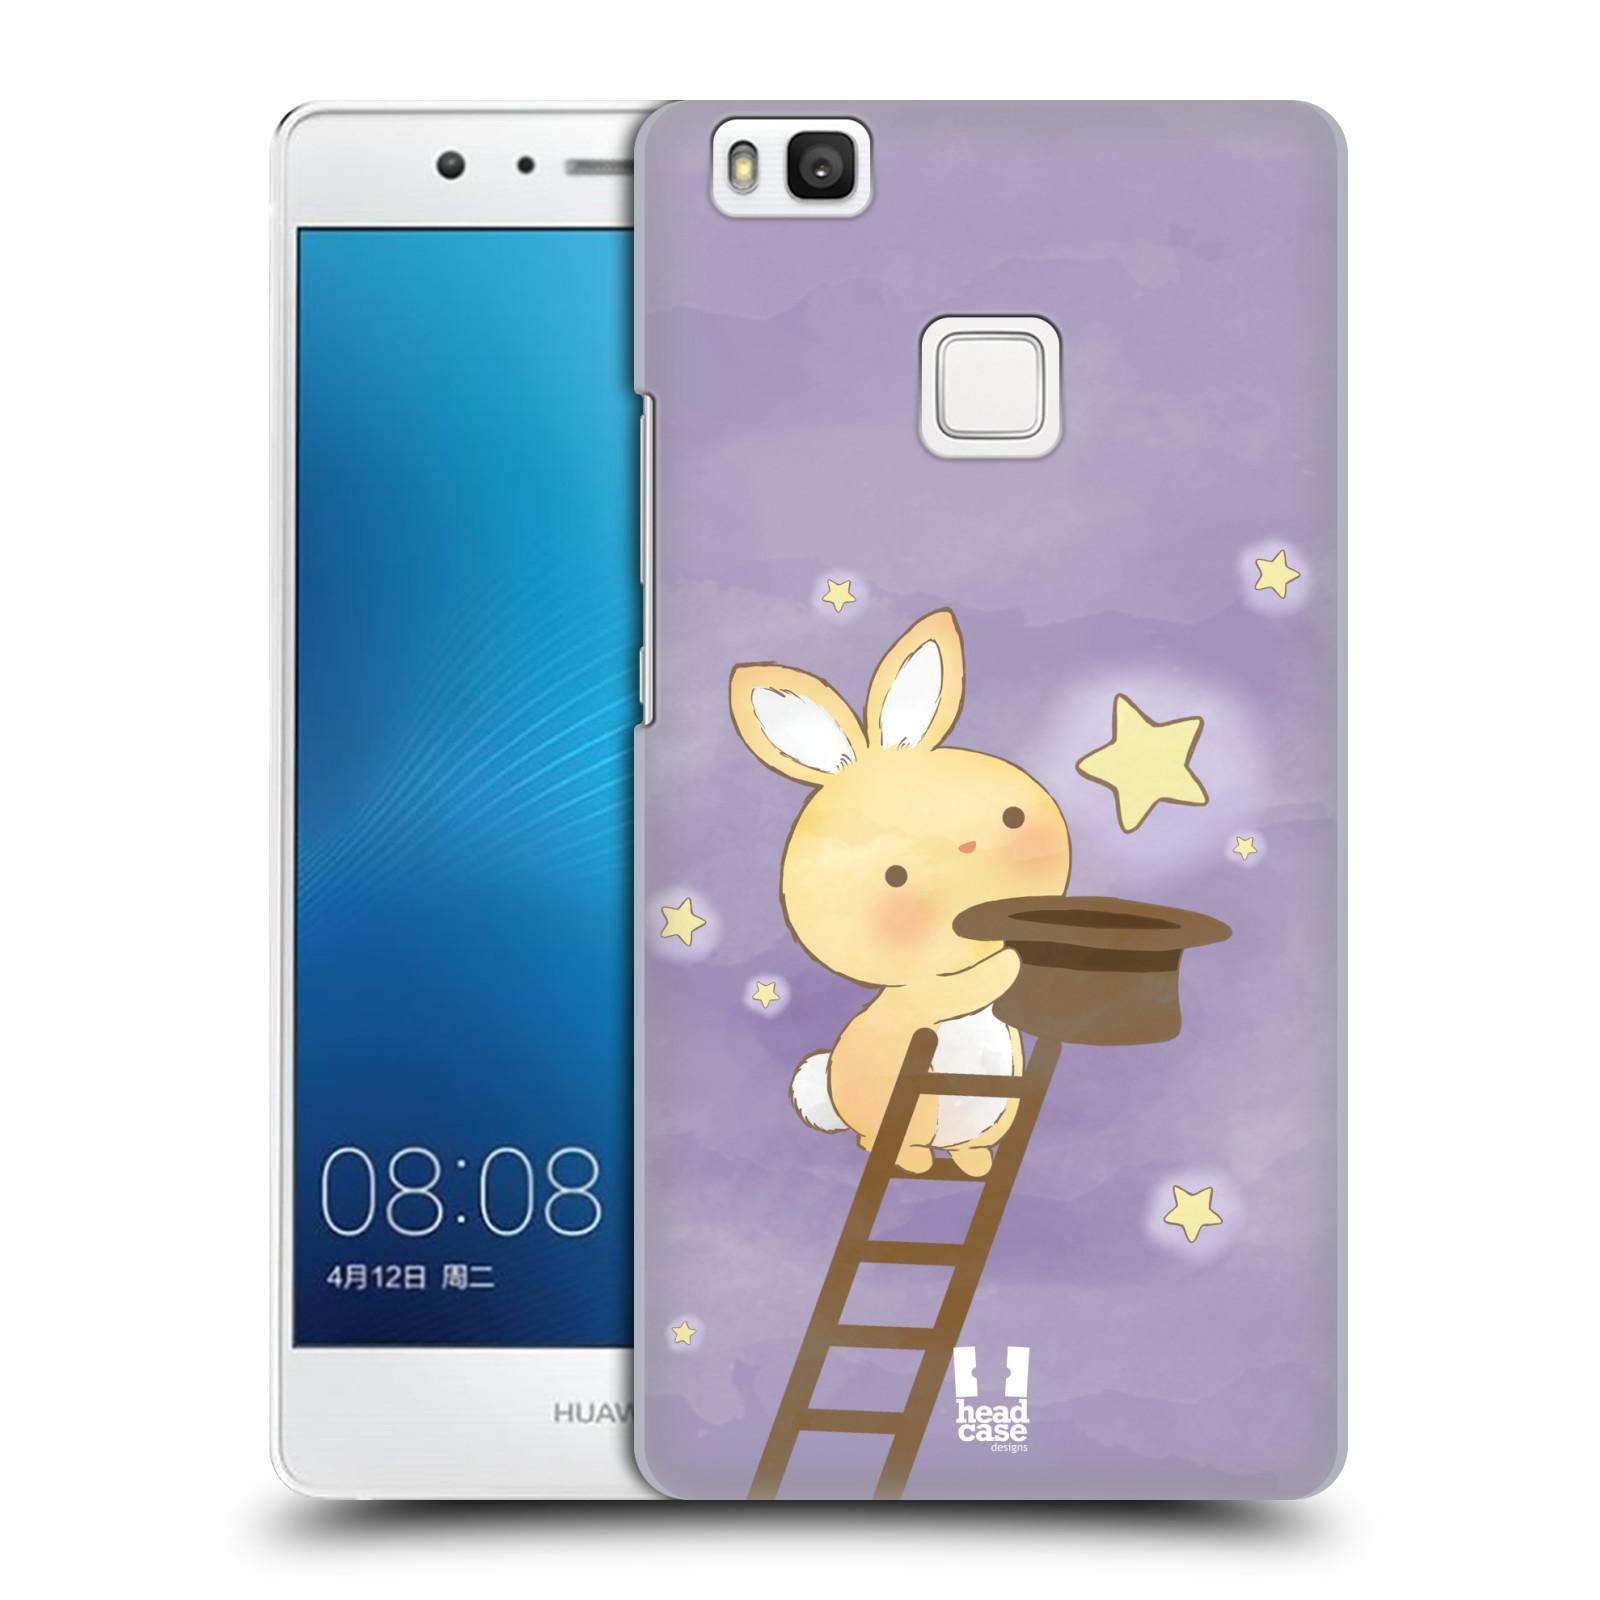 HEAD CASE plastový obal na mobil Huawei P9 LITE / P9 LITE DUAL SIM vzor králíček a hvězdy fialová